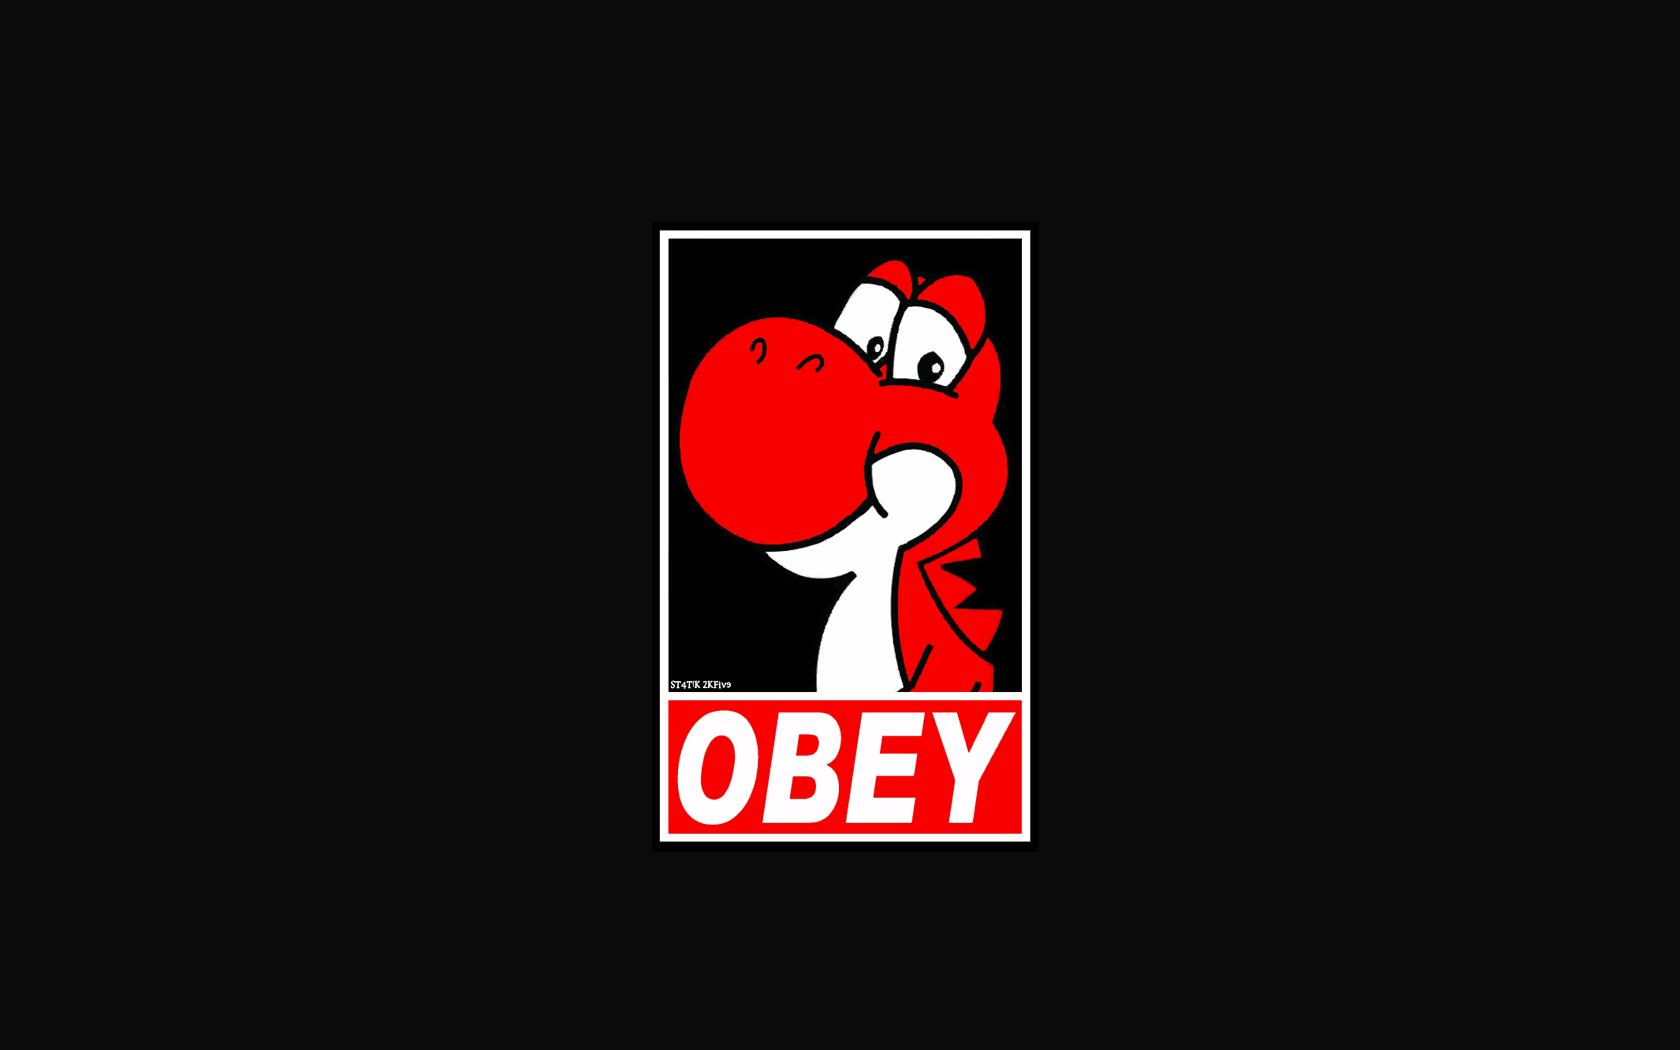 Obey Logos